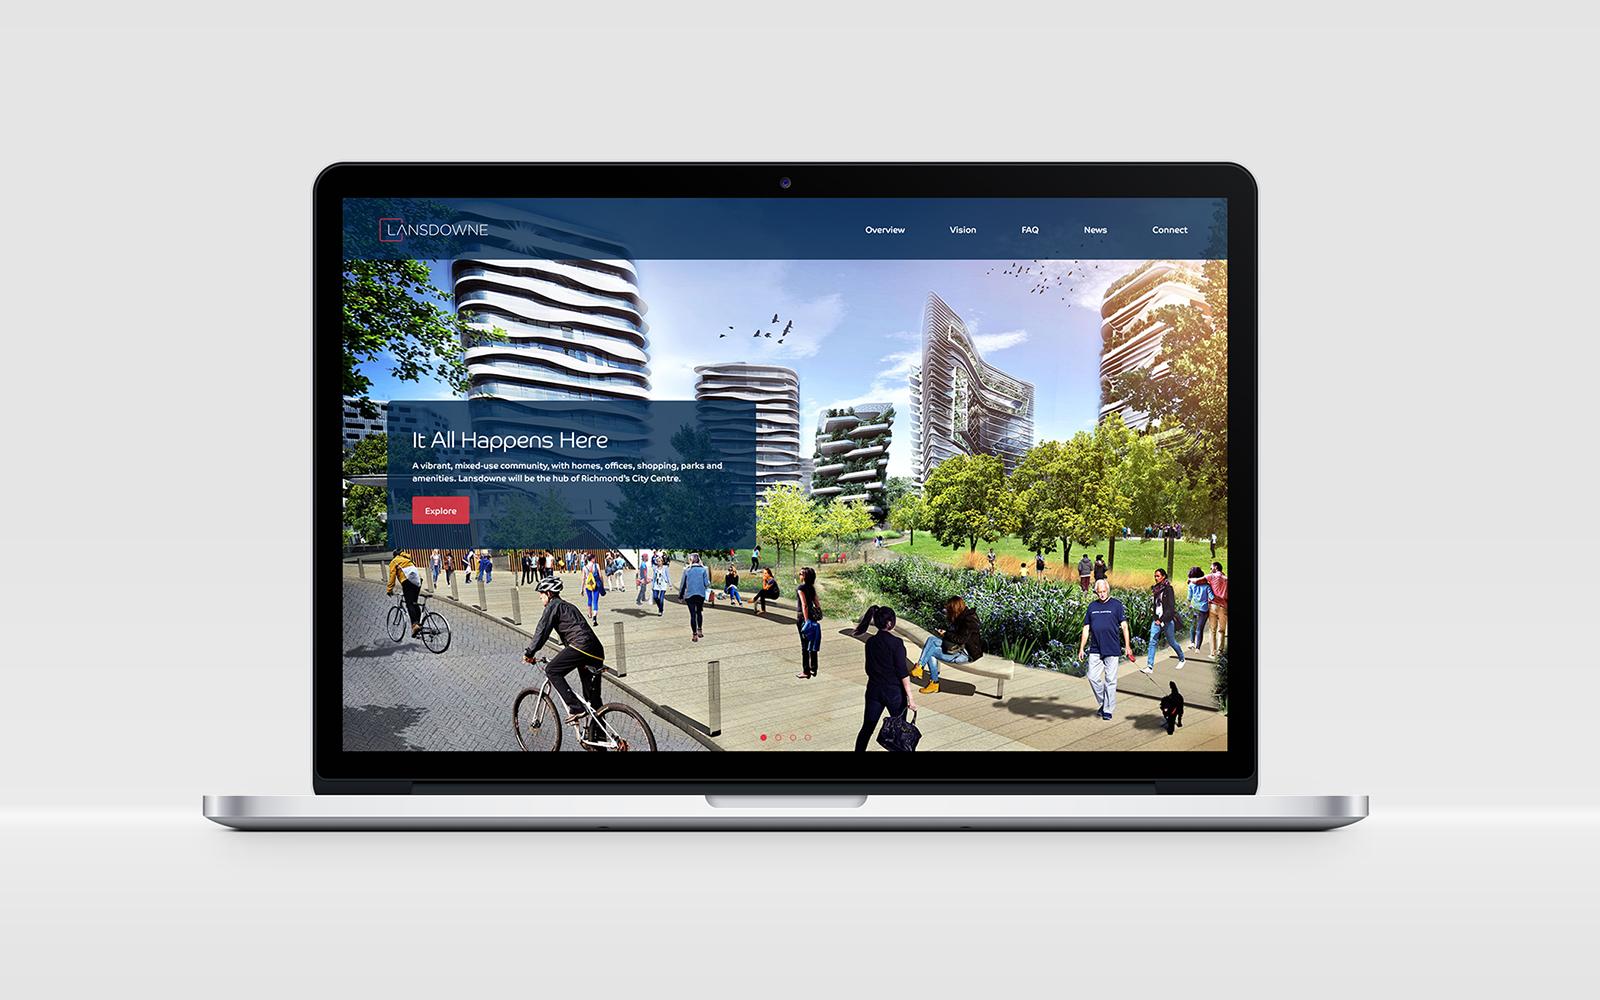 Lansdowne-website-1.jpg